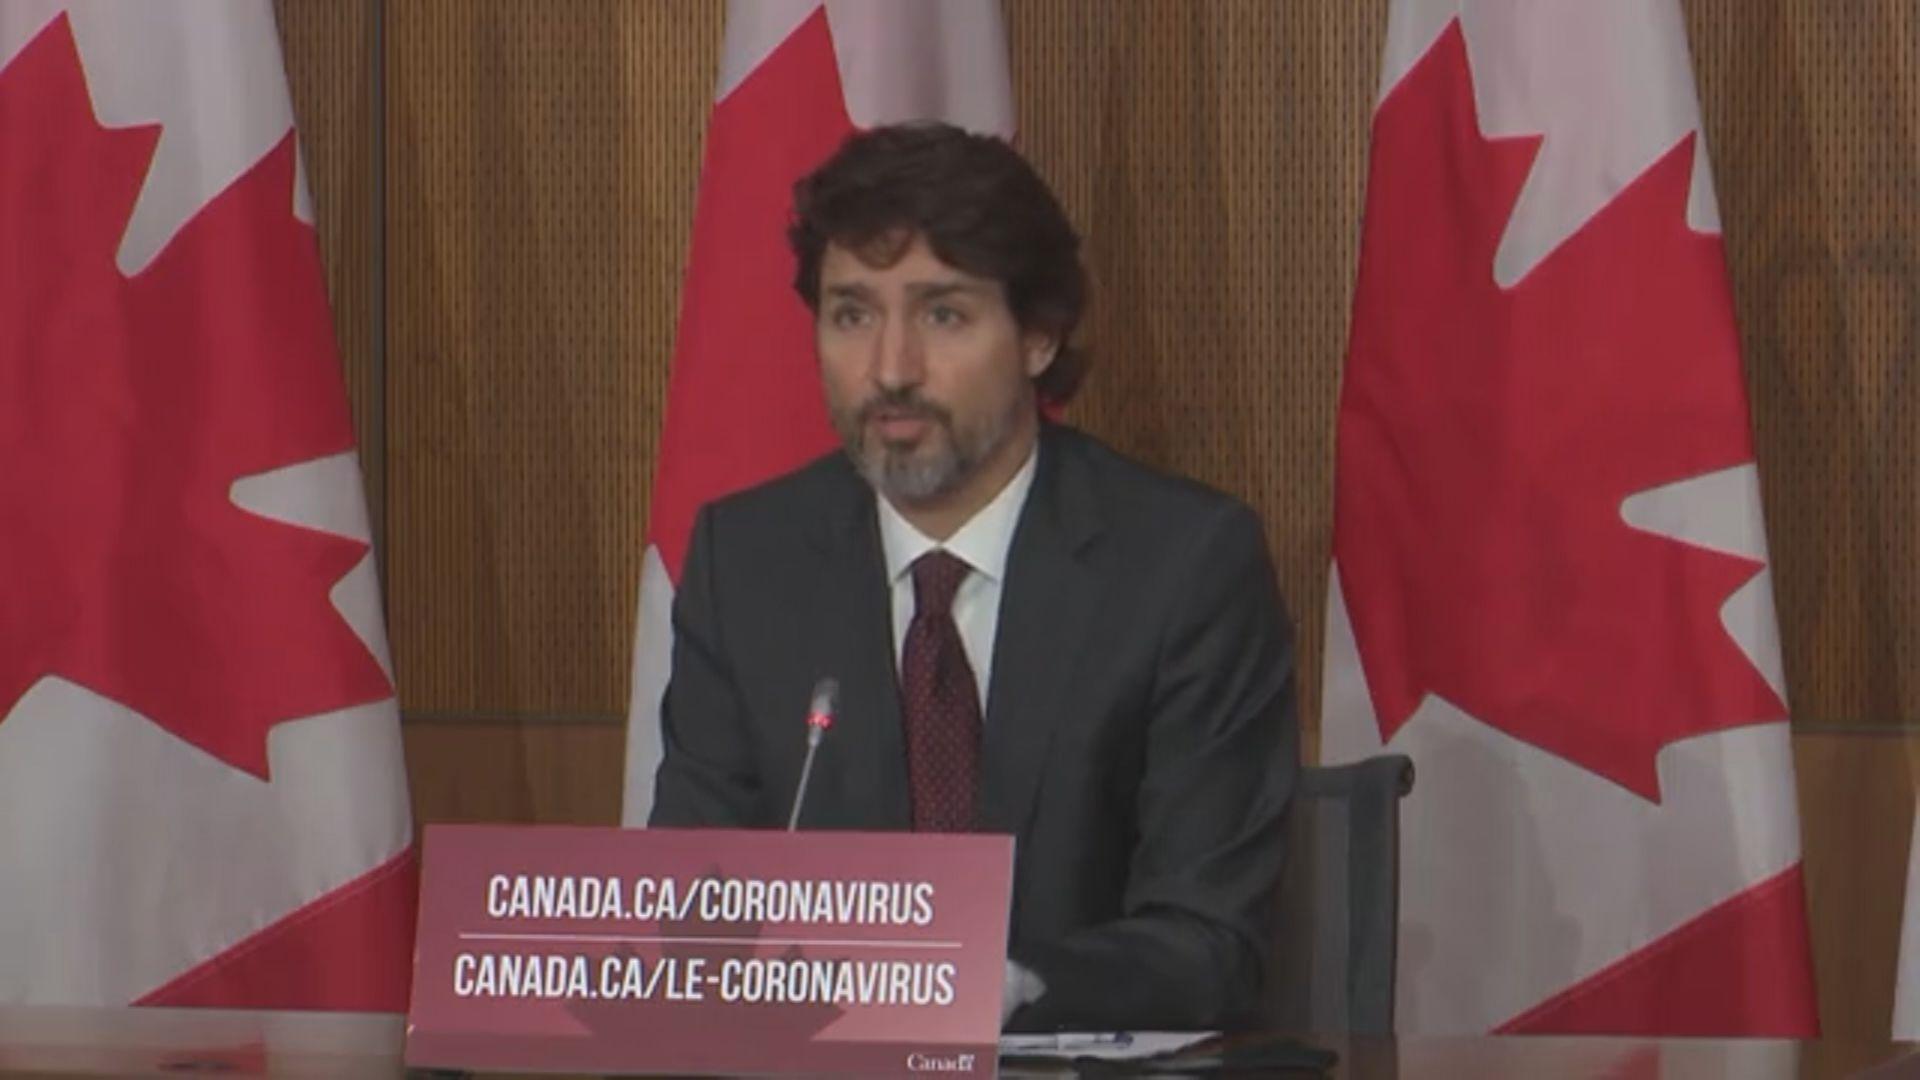 中方批評加拿大故意混淆事實 已提出嚴正交涉